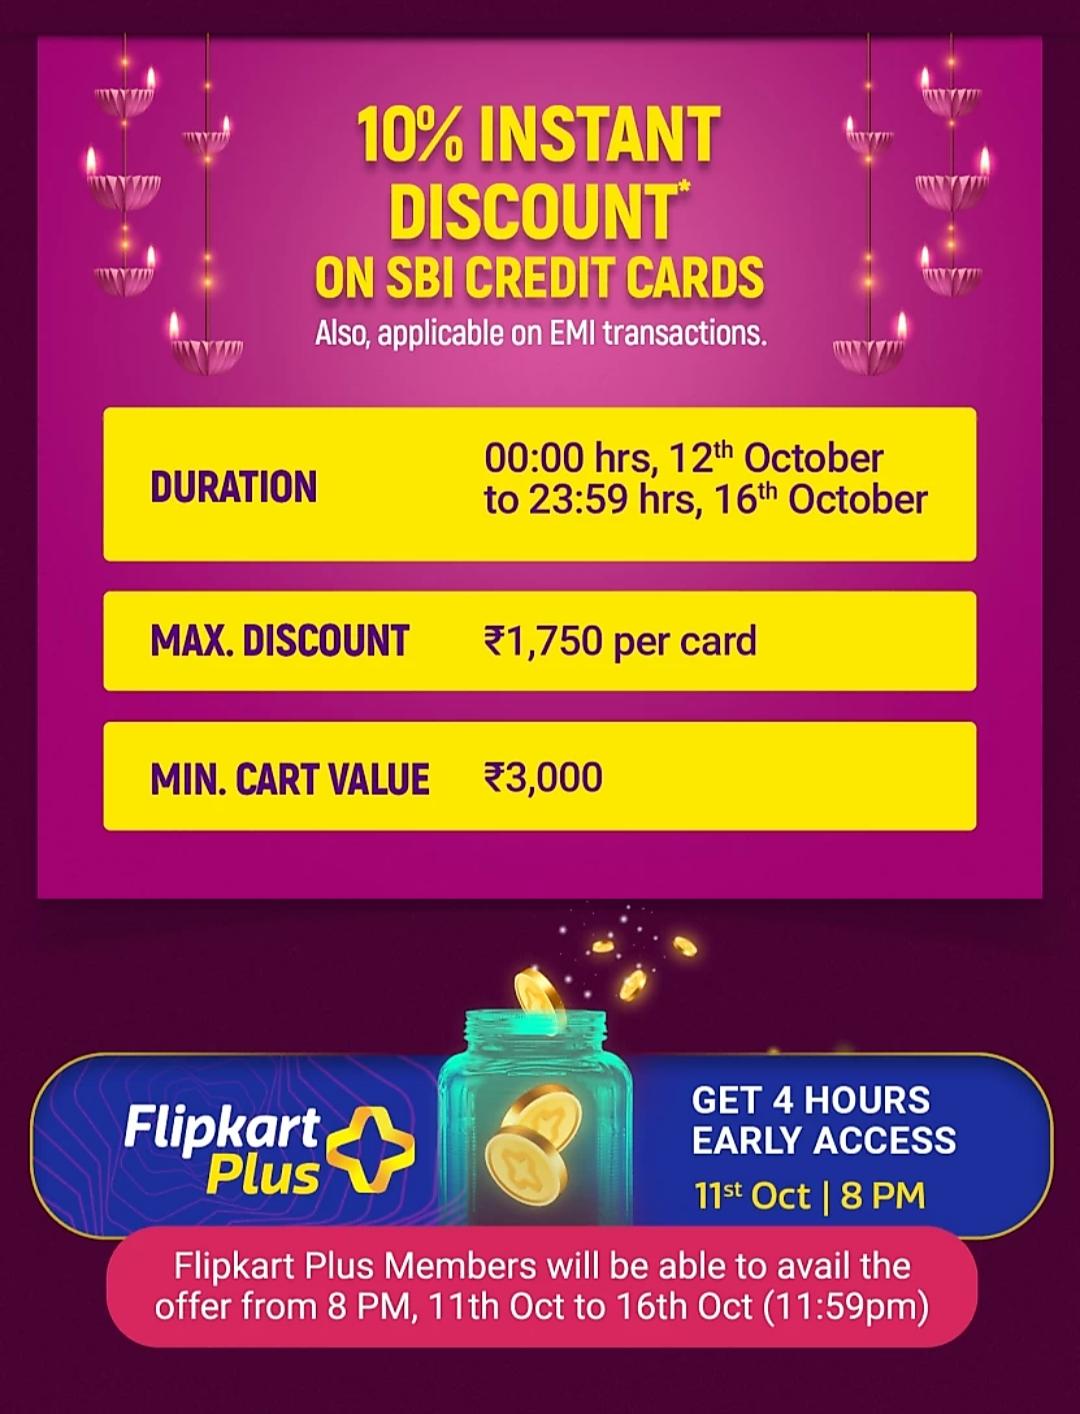 sbi-card-offer